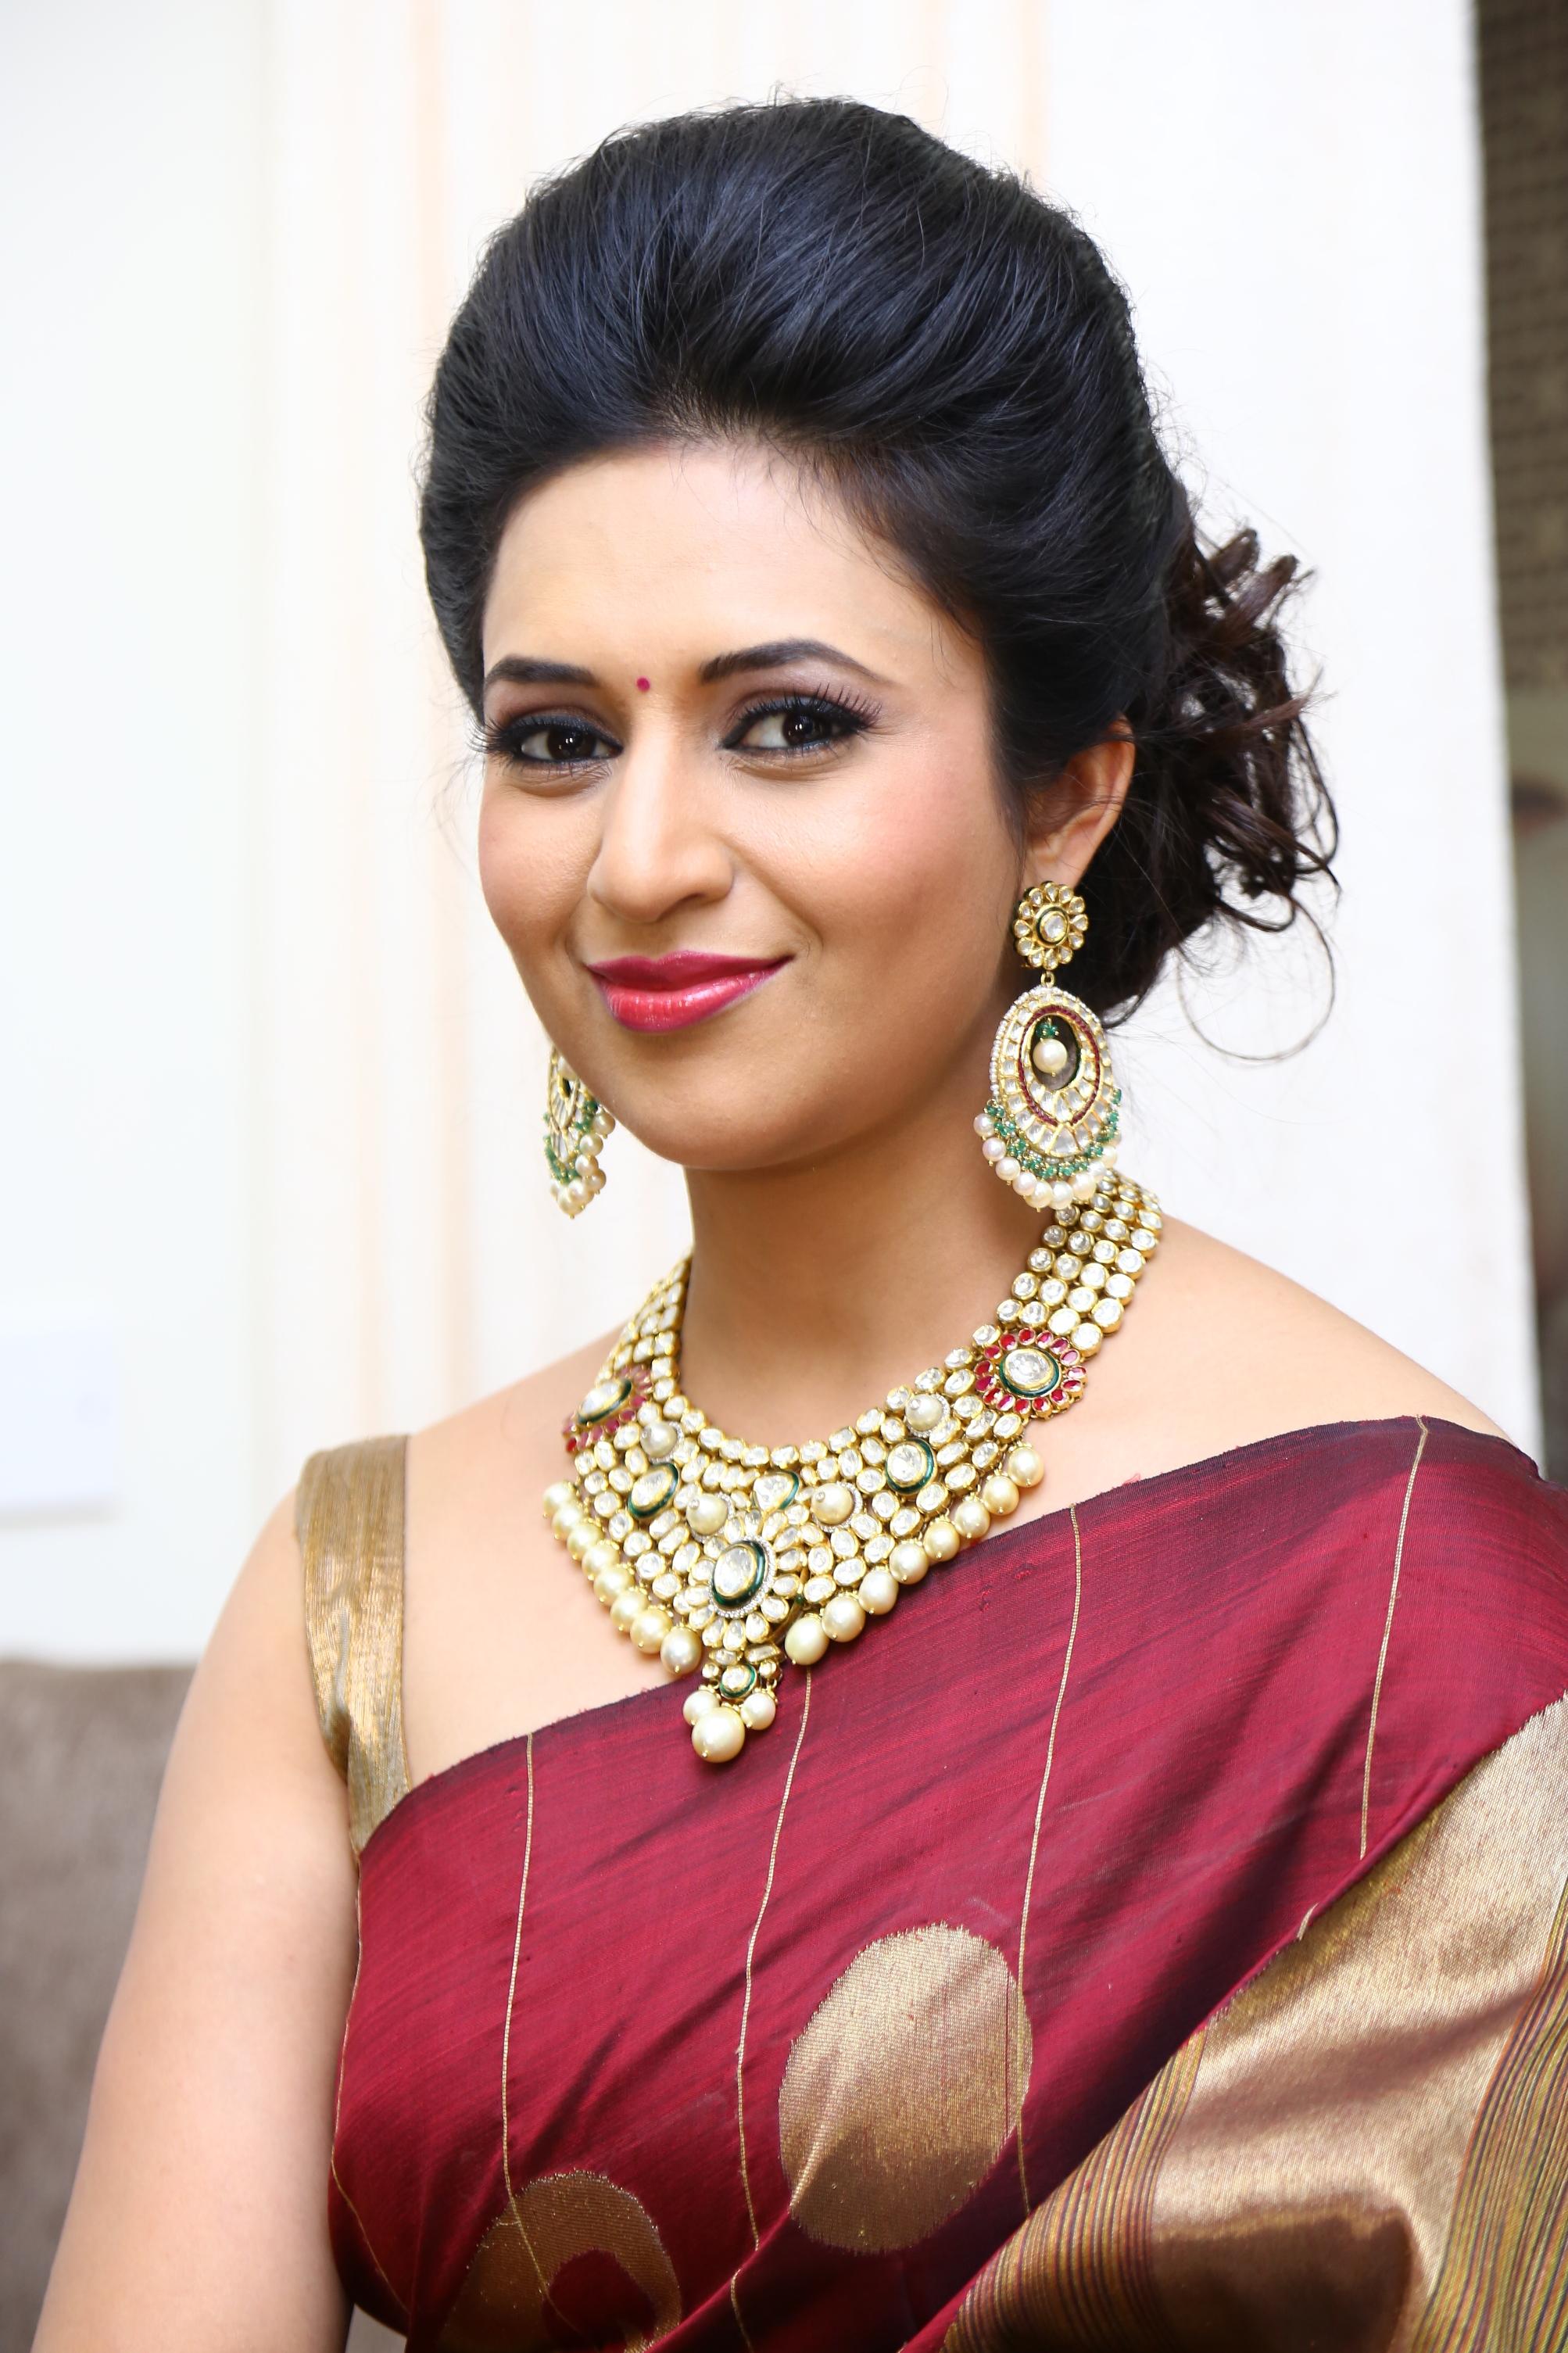 Amazing Divyanka Tripathi Pictures & Backgrounds